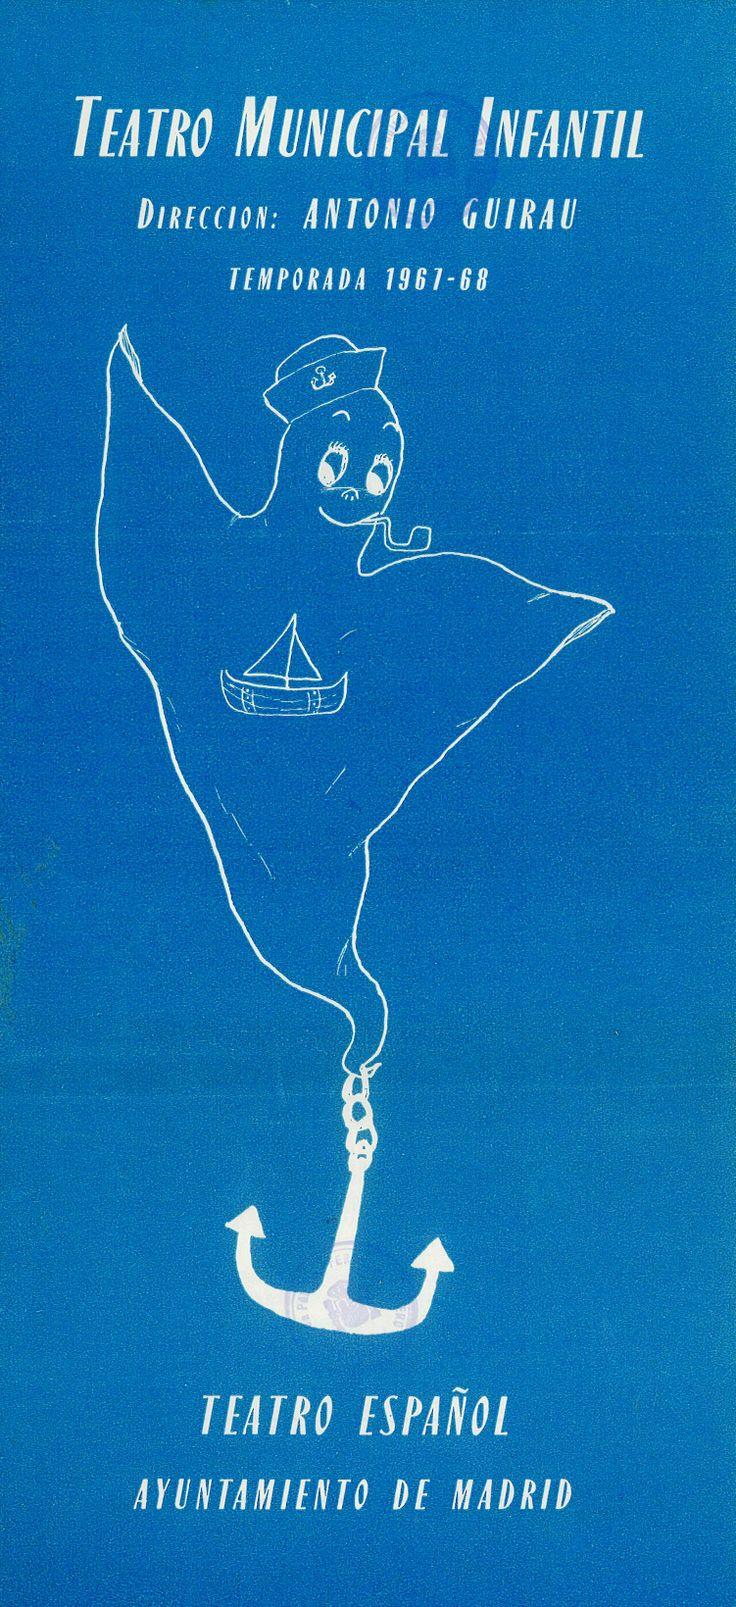 """""""Pluft, el fantasma"""" de María Clara Machado 1968 La Compañía de Teatro Municipal Infantil del Ayuntamiento de Madrid, con la dirección de Antonio Guirau Sena, acercó el teatro infantil al público conquense #Cuenca #TeatroInfantil #TeatroMunicipalInfantilAyuntamientoMadrid #AntonioGuirauSena"""